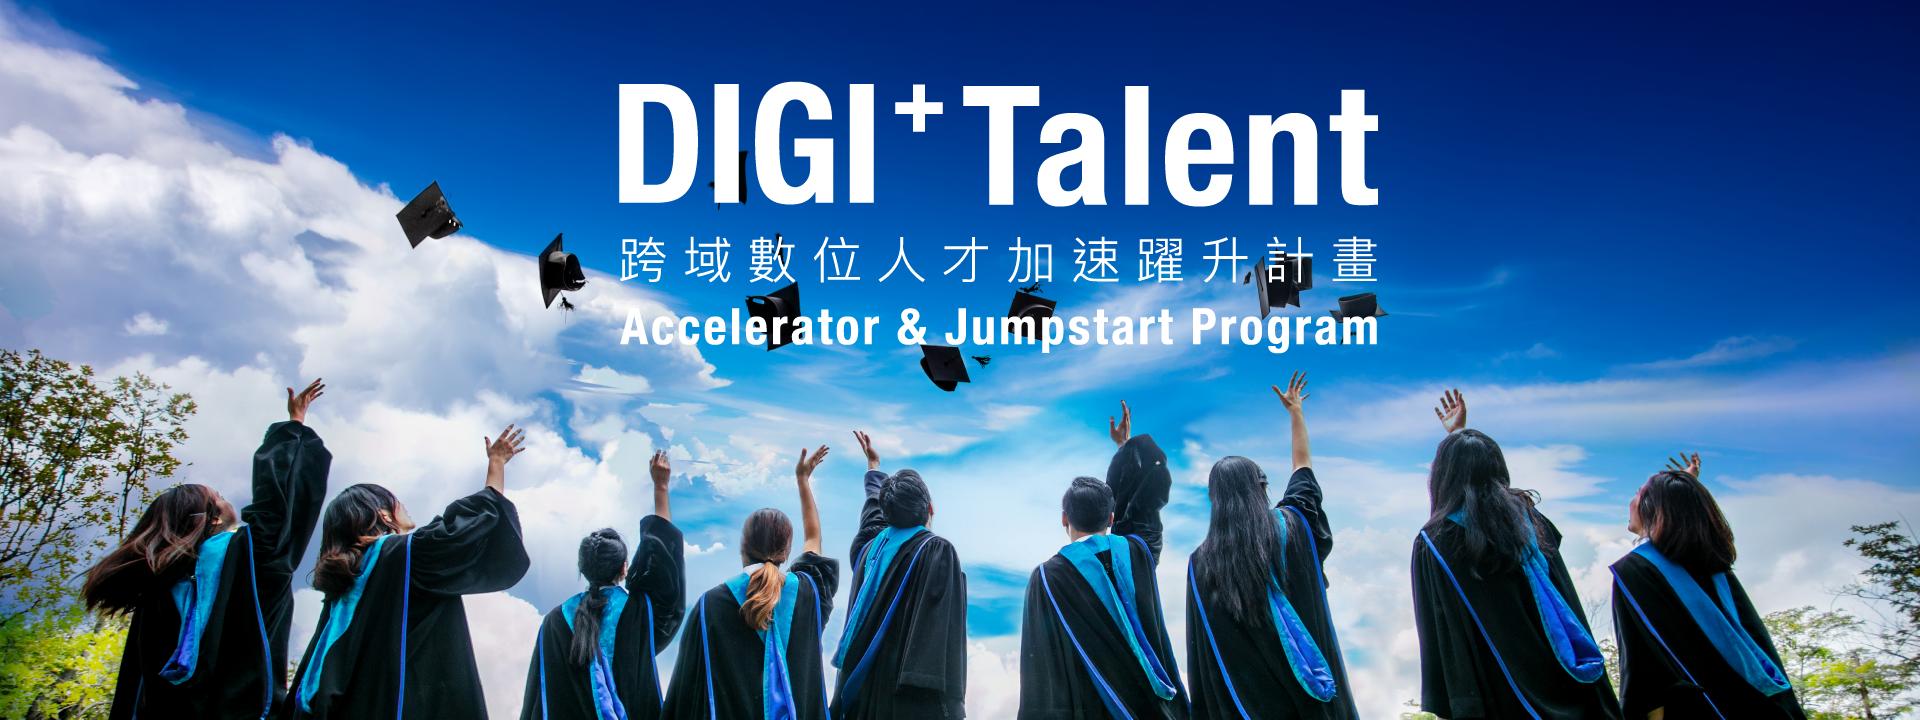 DIGI+Talent 計畫